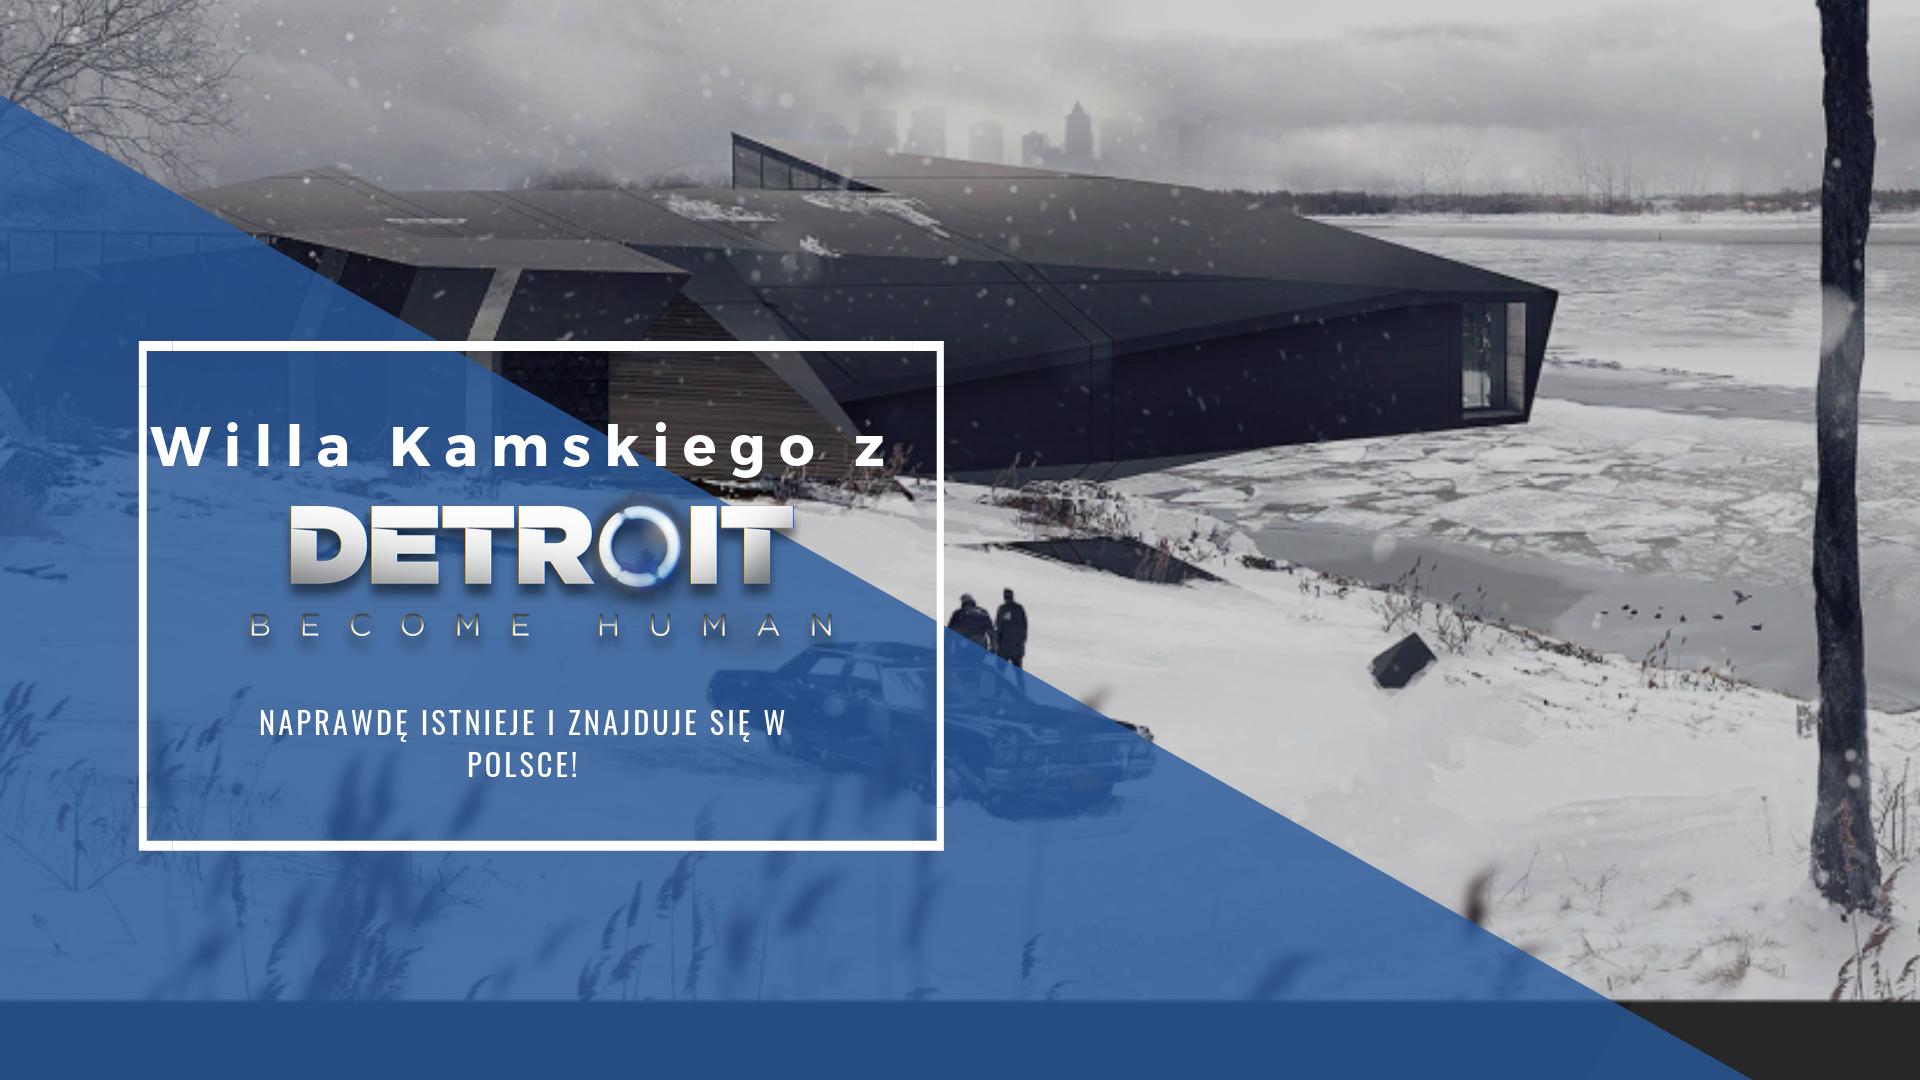 Willa Kamskiego z Detroit: Become Human bliźniaczy budynek istnieje i znajduje się w Polsce